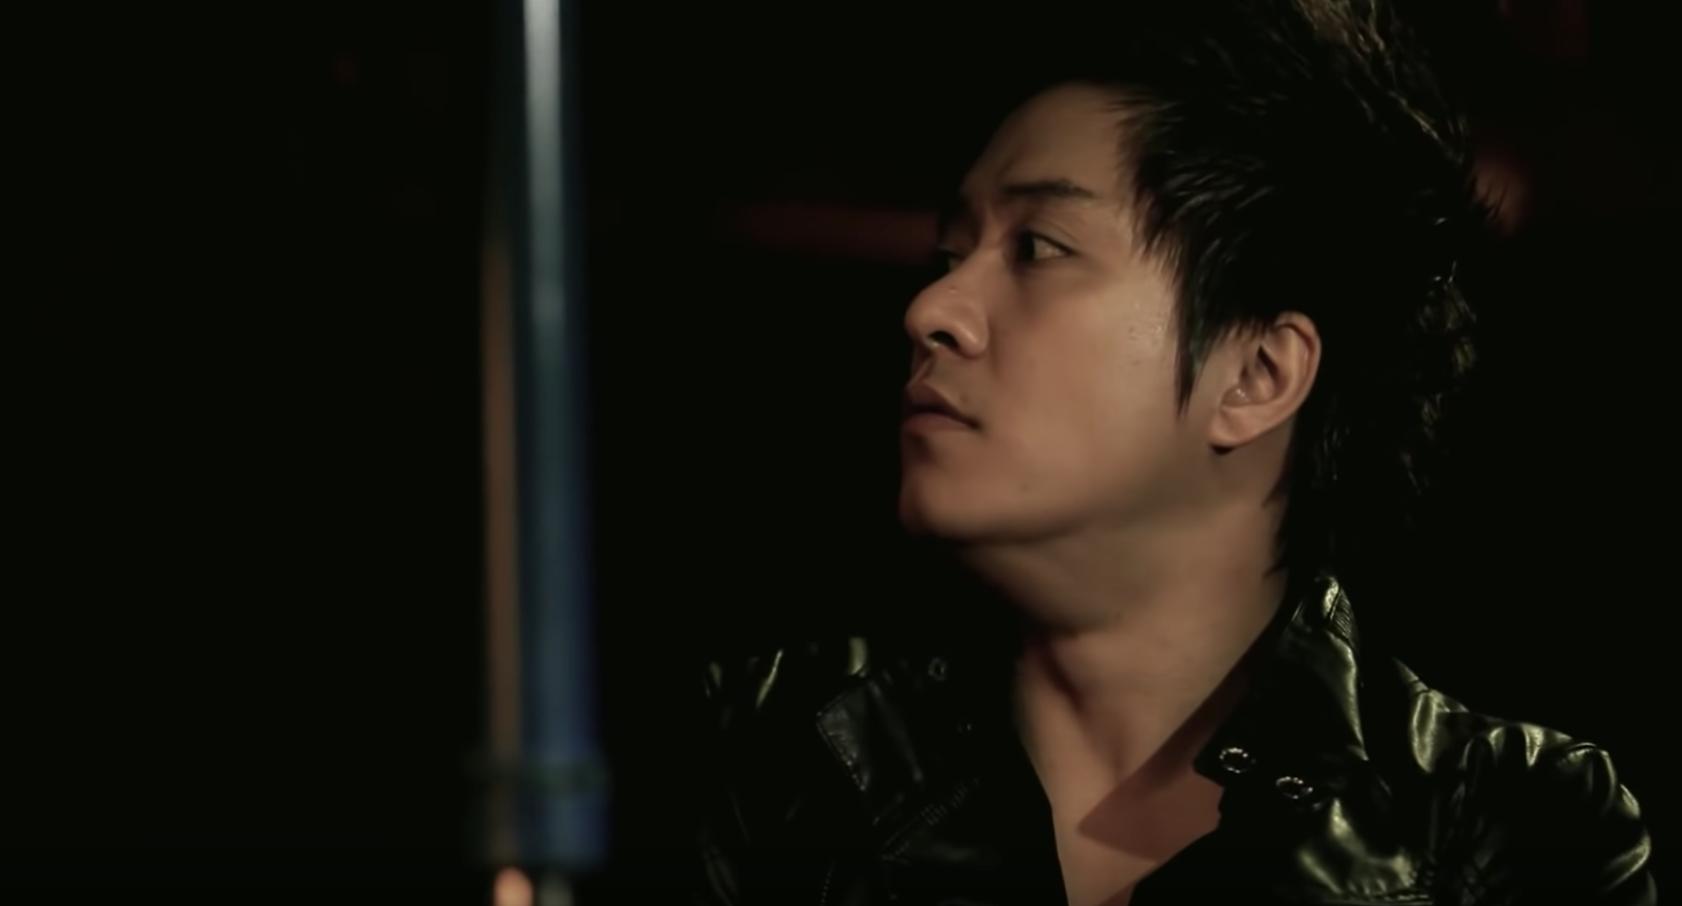 Để Mị nói cho mà nghe, trông ai như anh Tuấn Hưng cũng xuất hiện trong MV của Hoàng Thuỳ Linh luôn? - Ảnh 4.